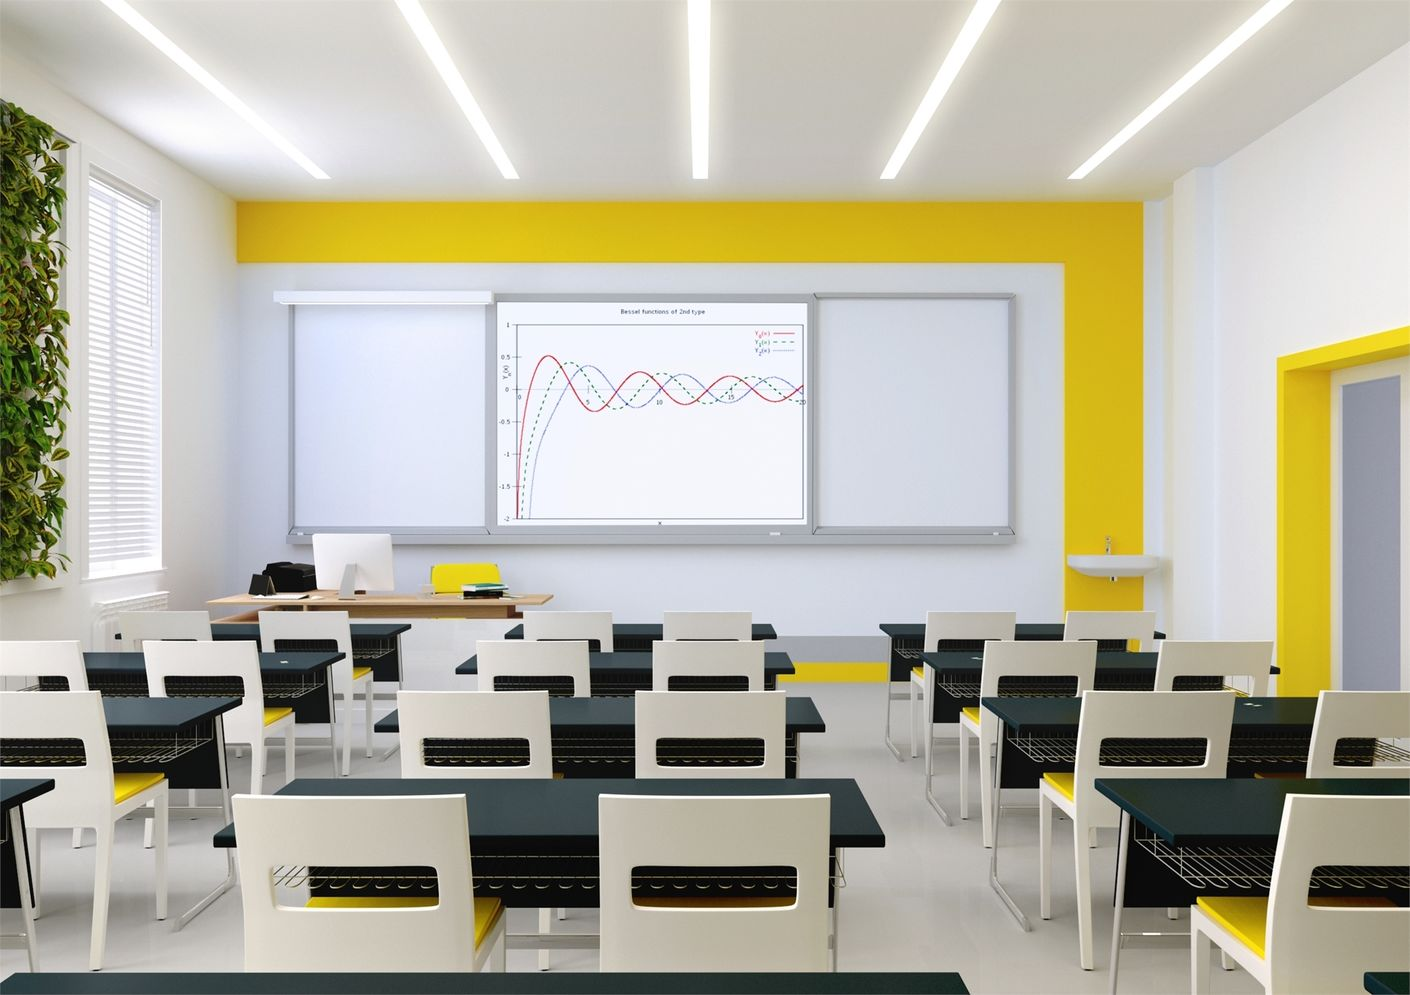 Дизайн пространств Школы будущего. «Белово» и «Тайга» - hsedesignlab.ru